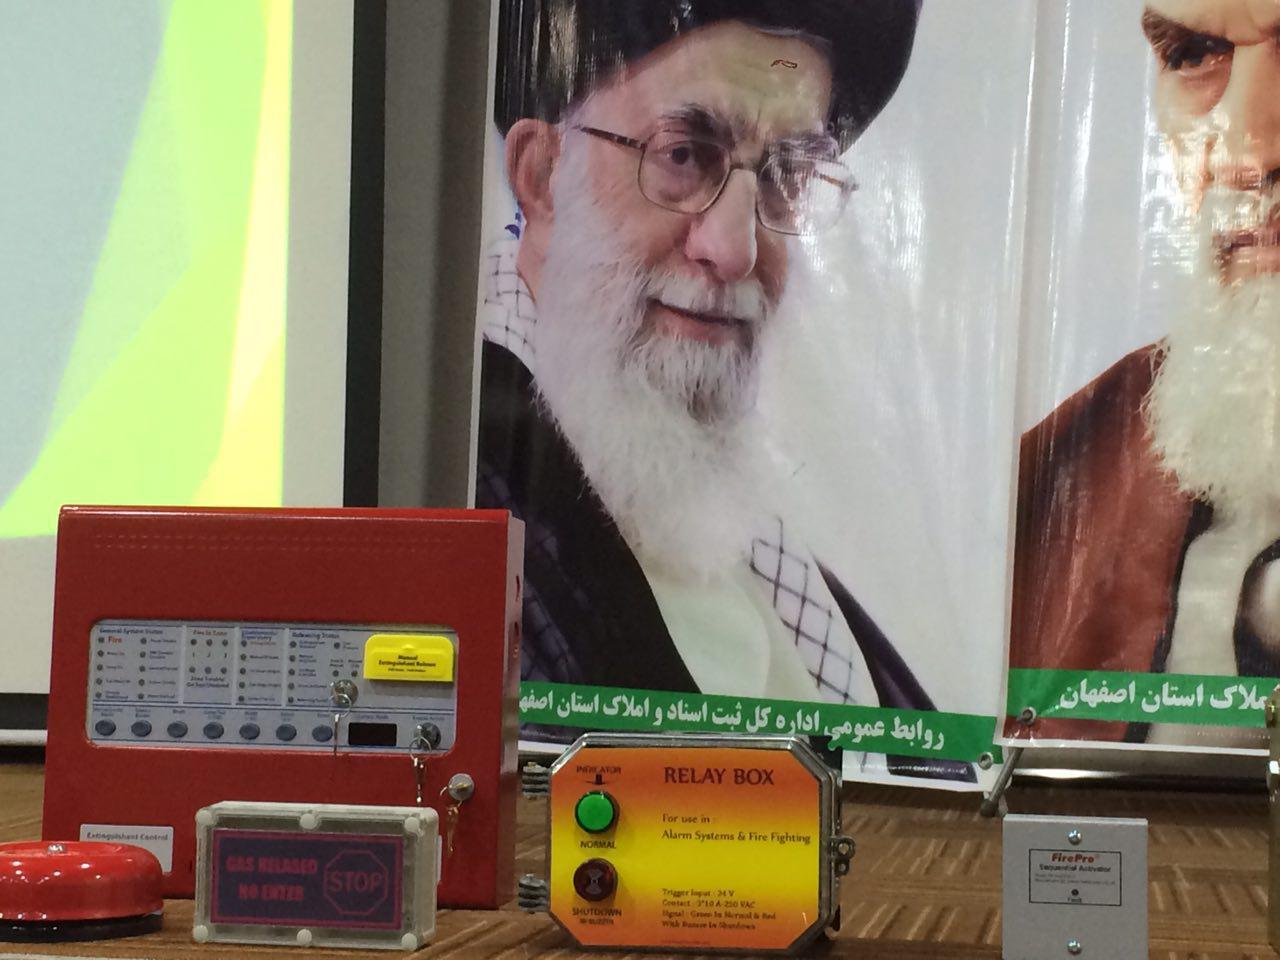 برگزارى سمینار آموزشى سیستم اطفاء حریق Fire Pro در اصفهان